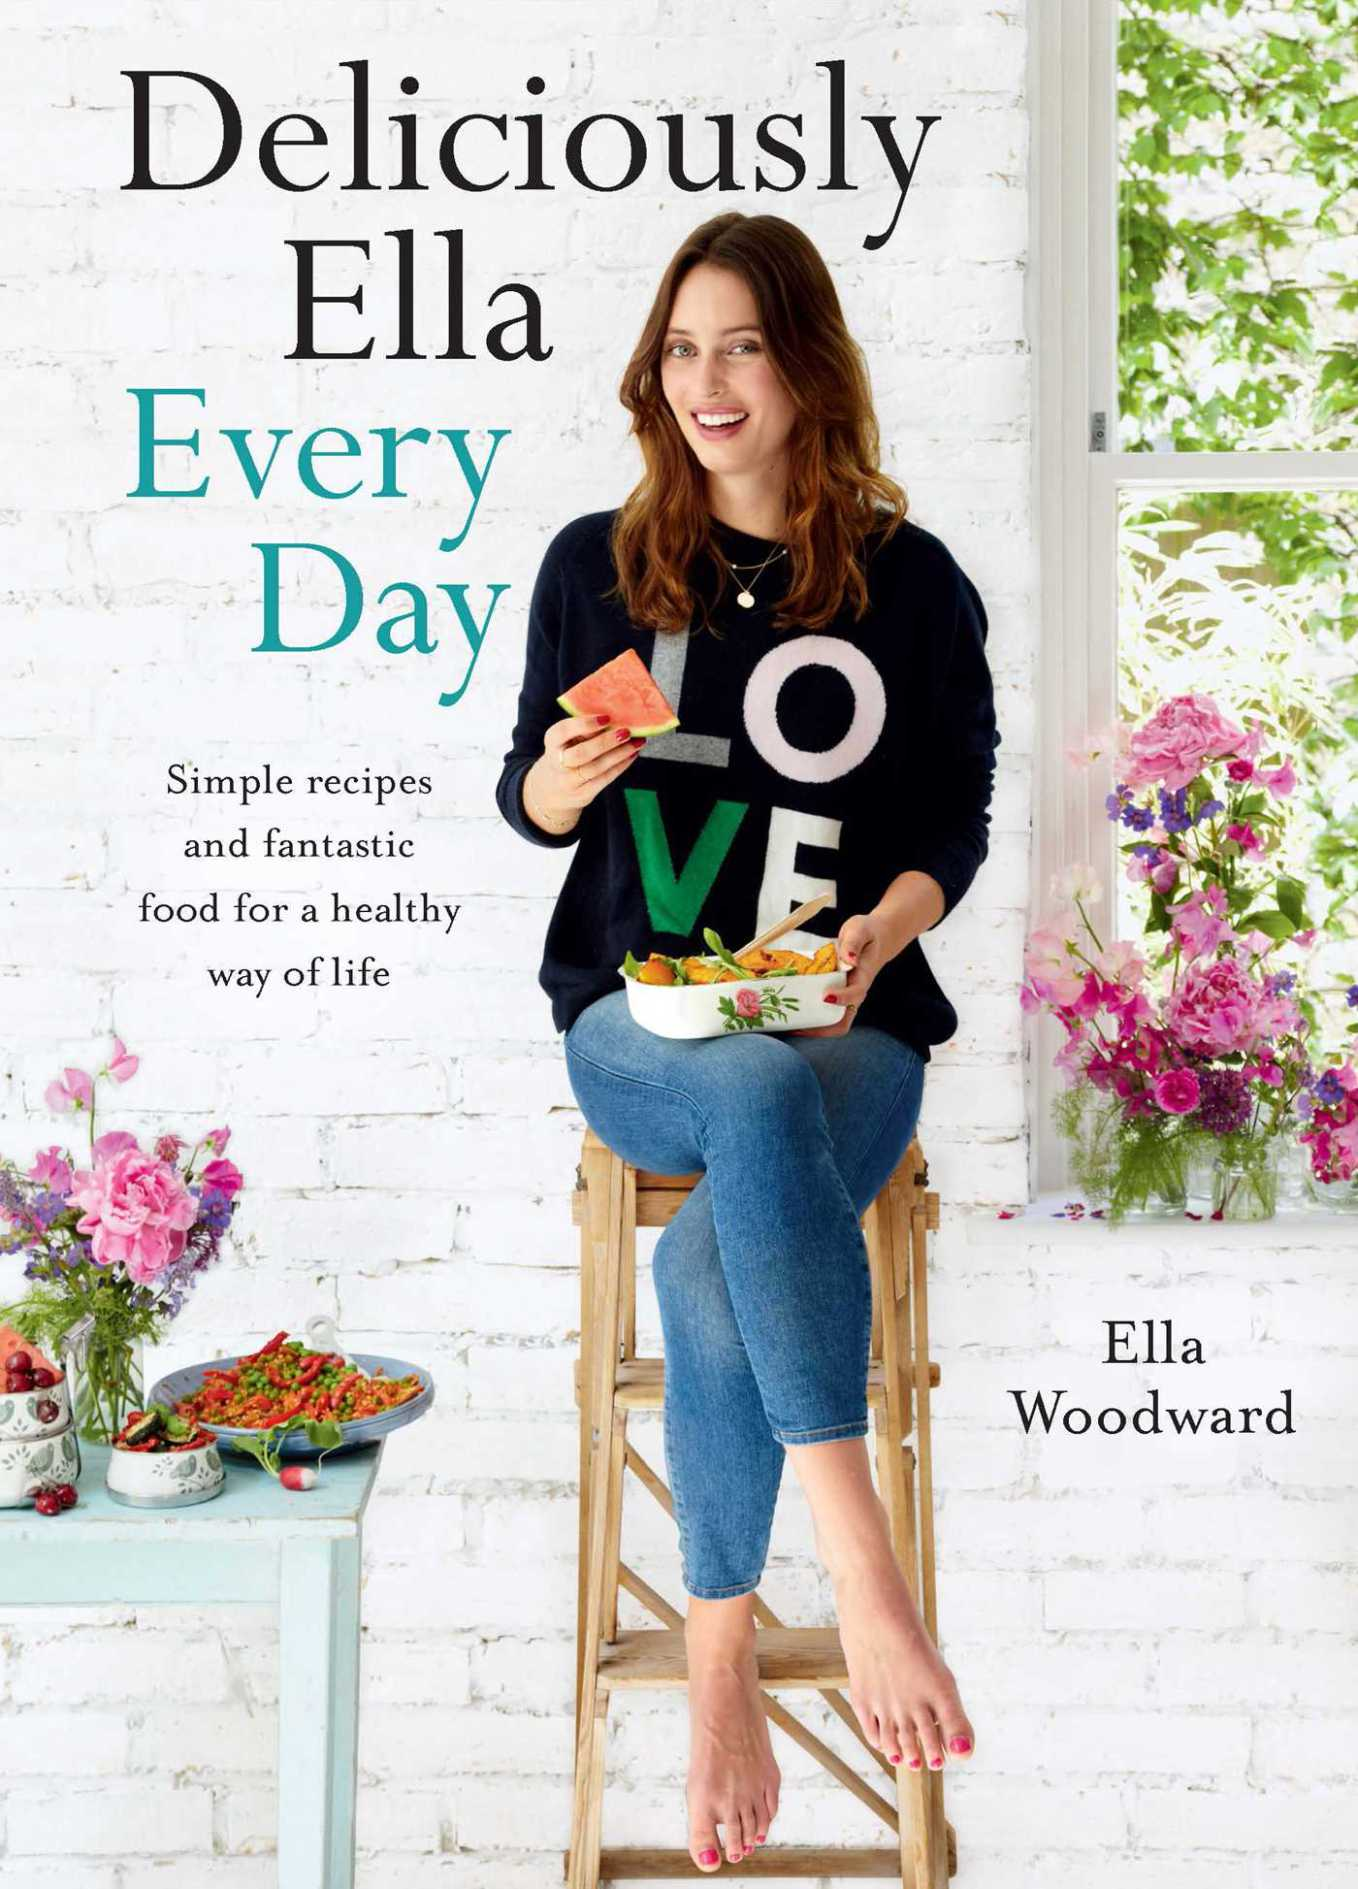 deliciously-ella-every-day-9781501142659_hr.jpg